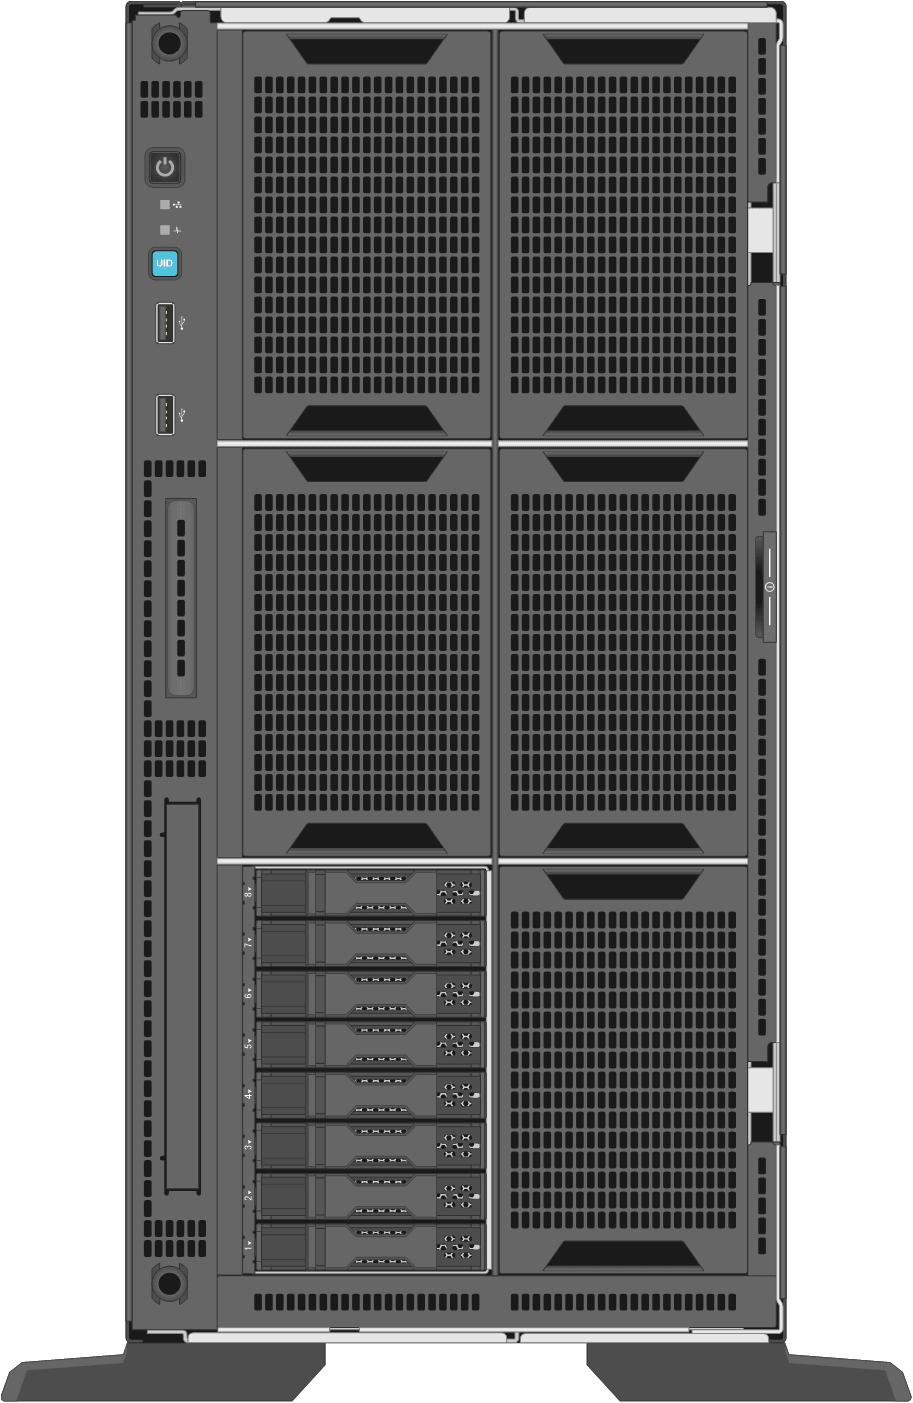 hpe-proliant-ml_ML350-Gen9-SFF-Tower